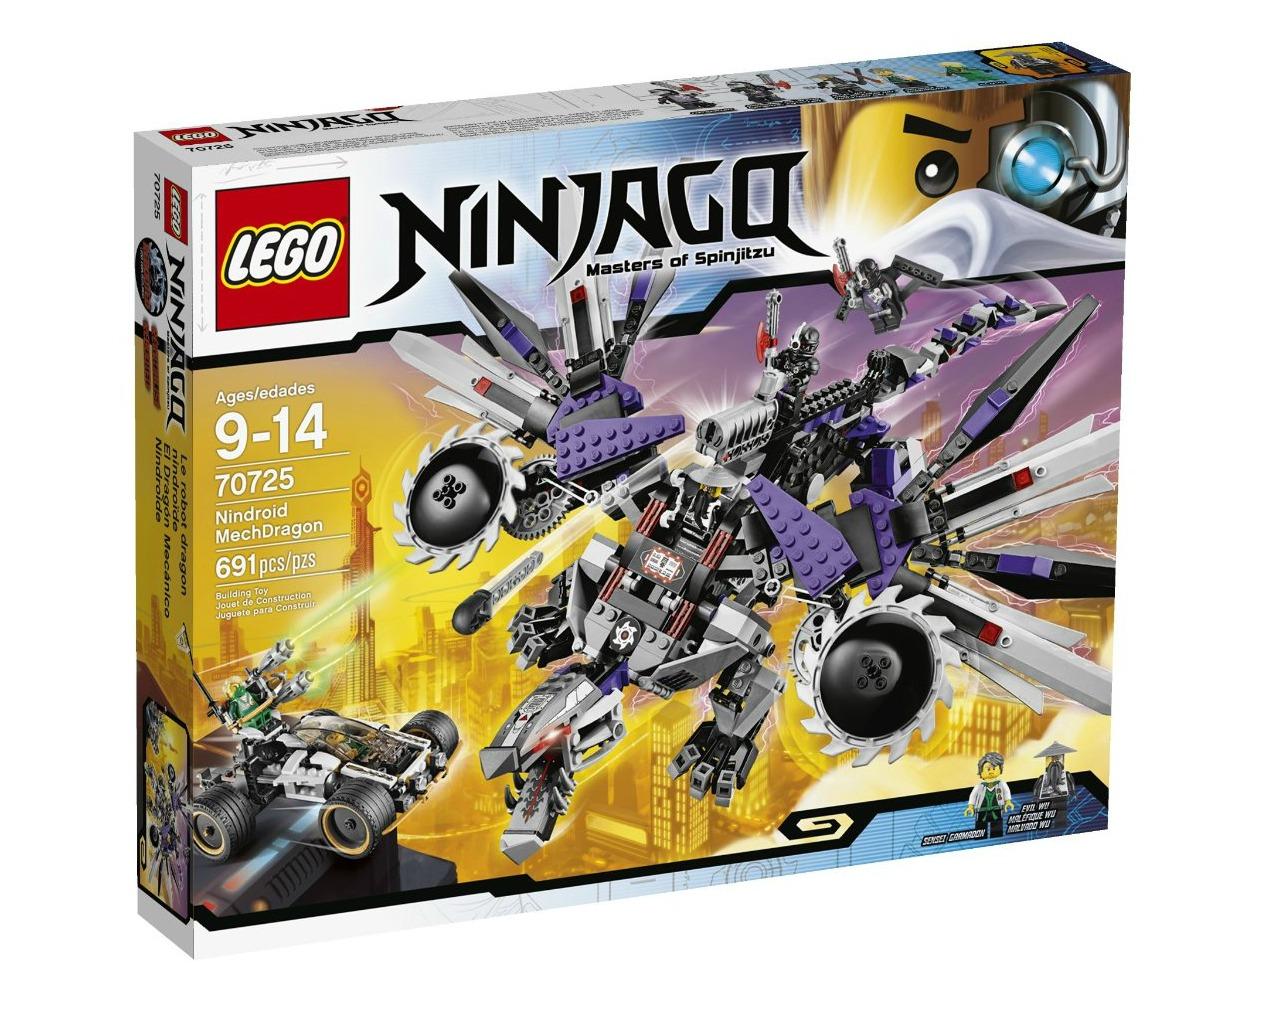 Lego Ninjago Nindroid Mech Dragon Set Only 40 Reg 90